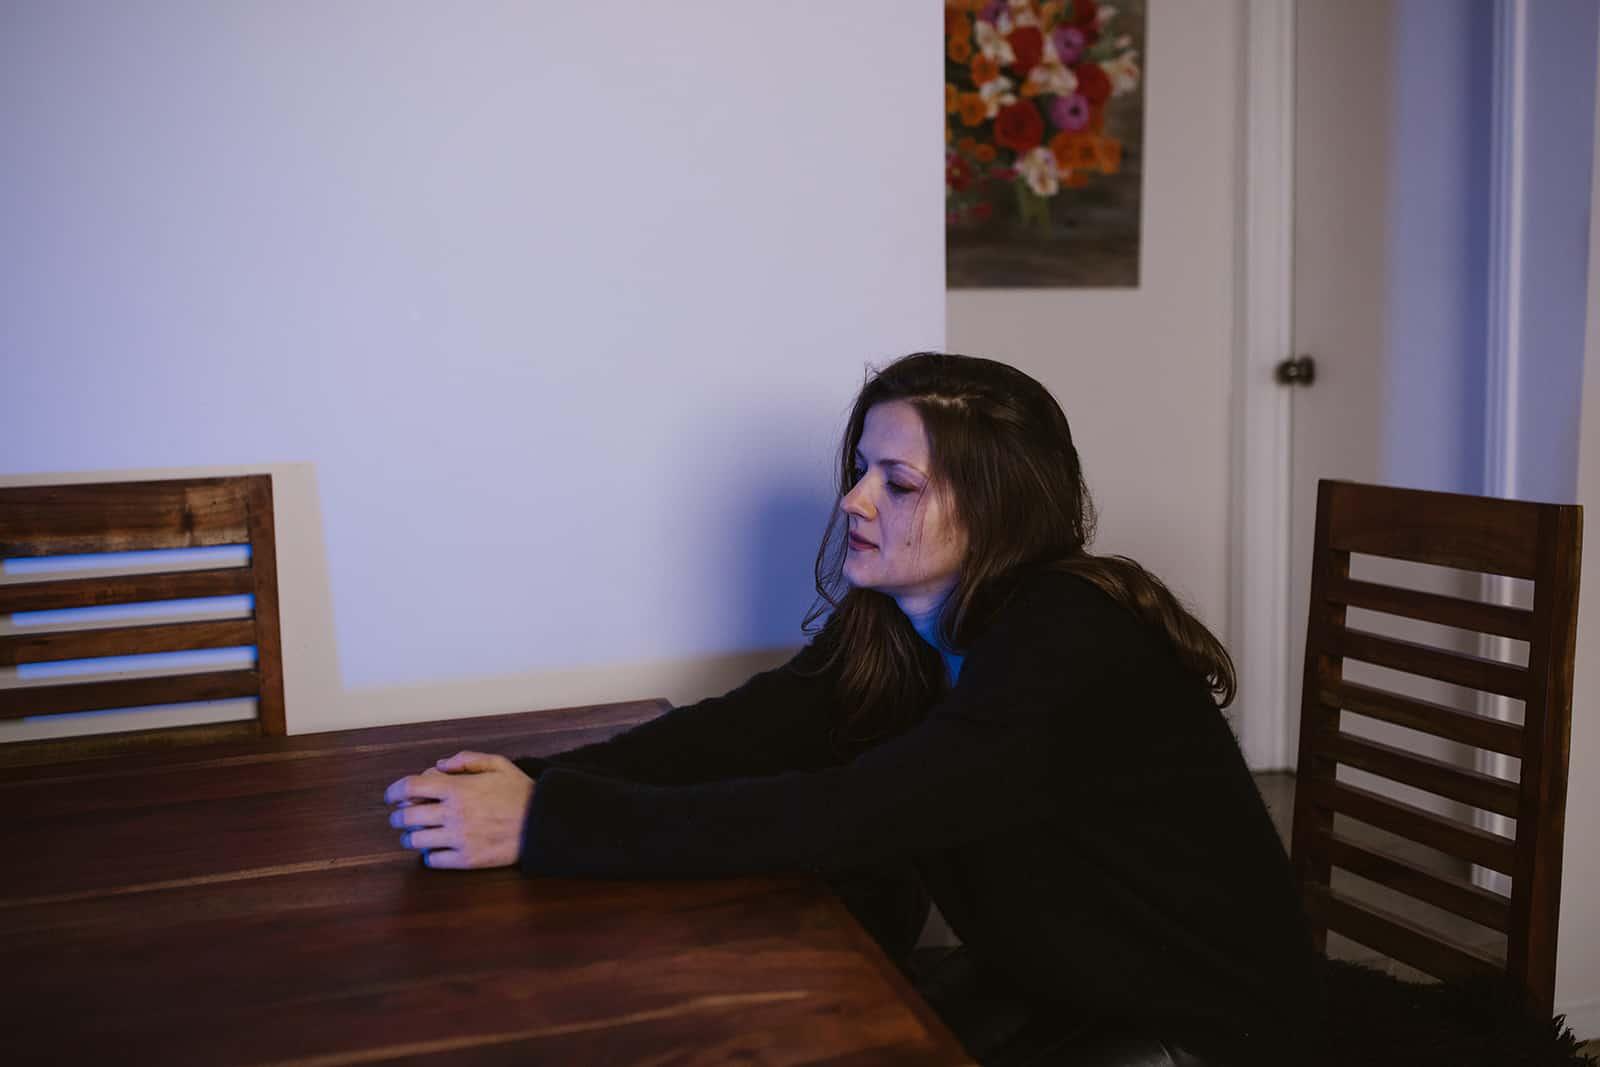 Une triste femme seule assise à la table à la maison